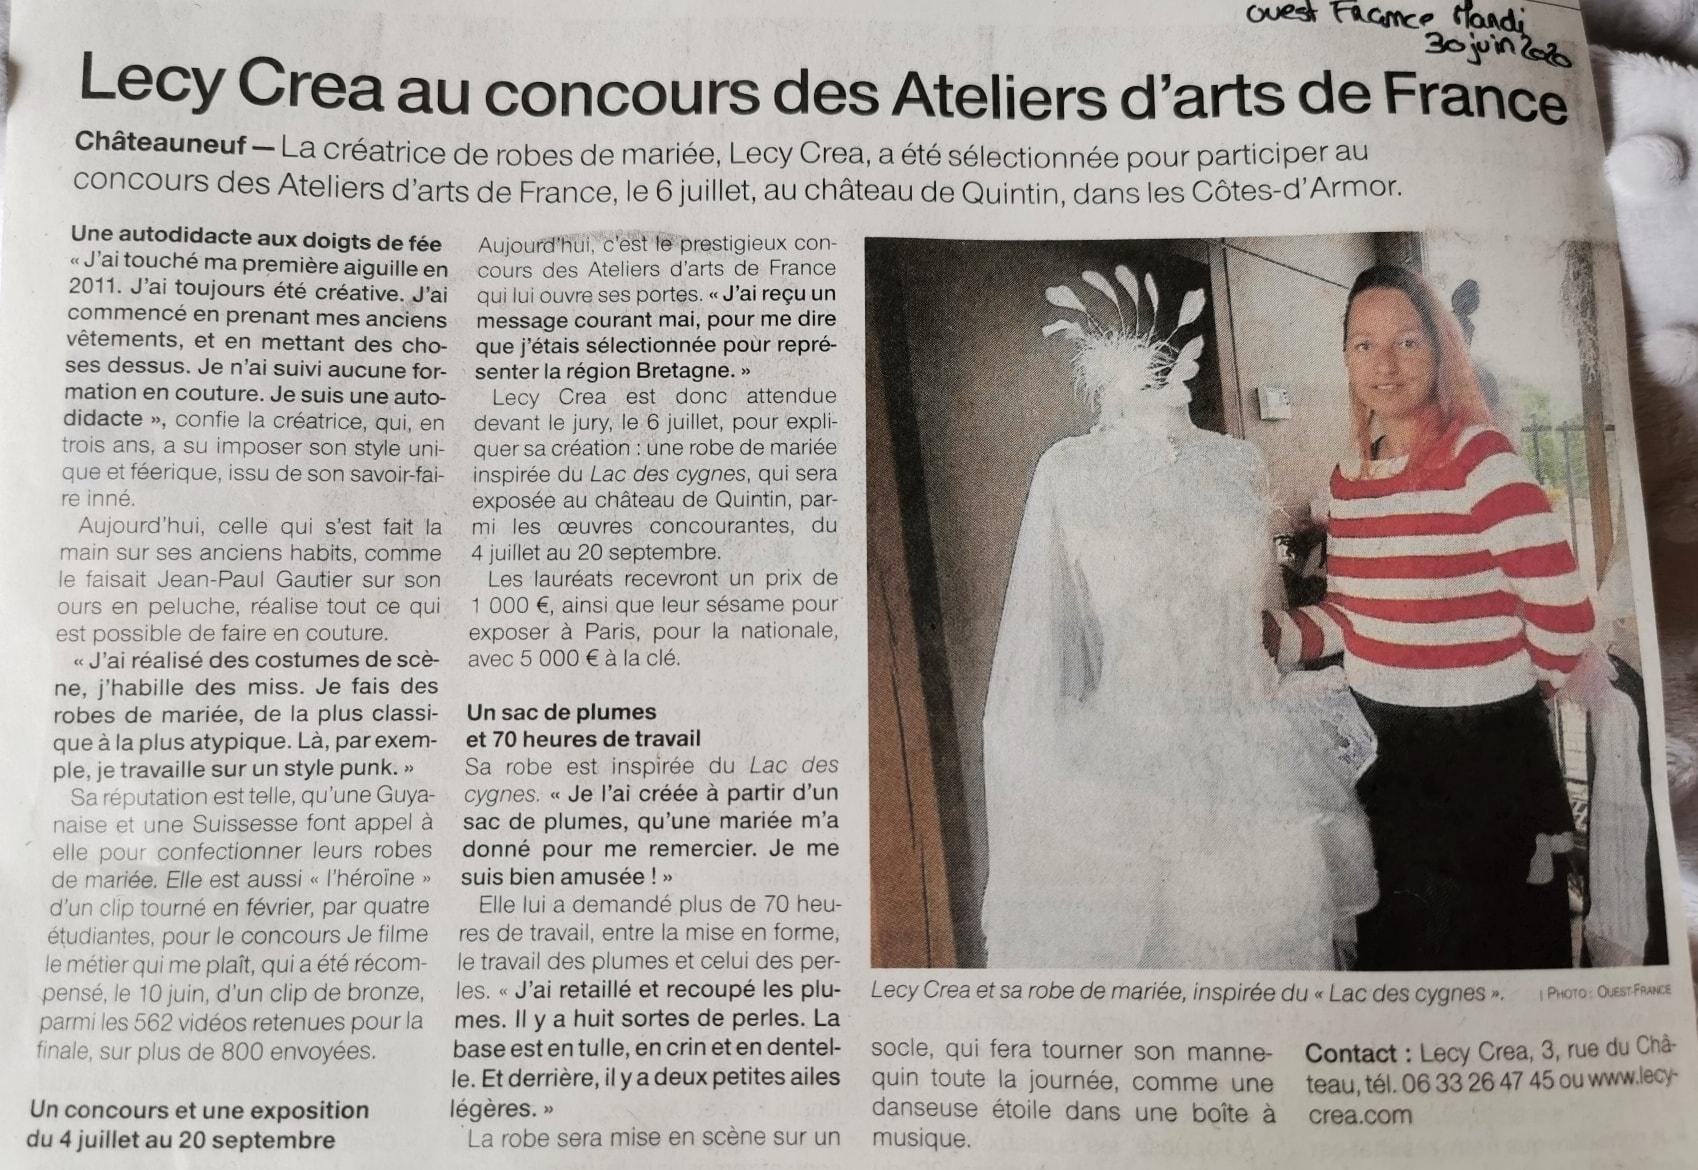 lecy-crea-concours-atelier-d-art-de-france-exposition-chateau-de-quintin